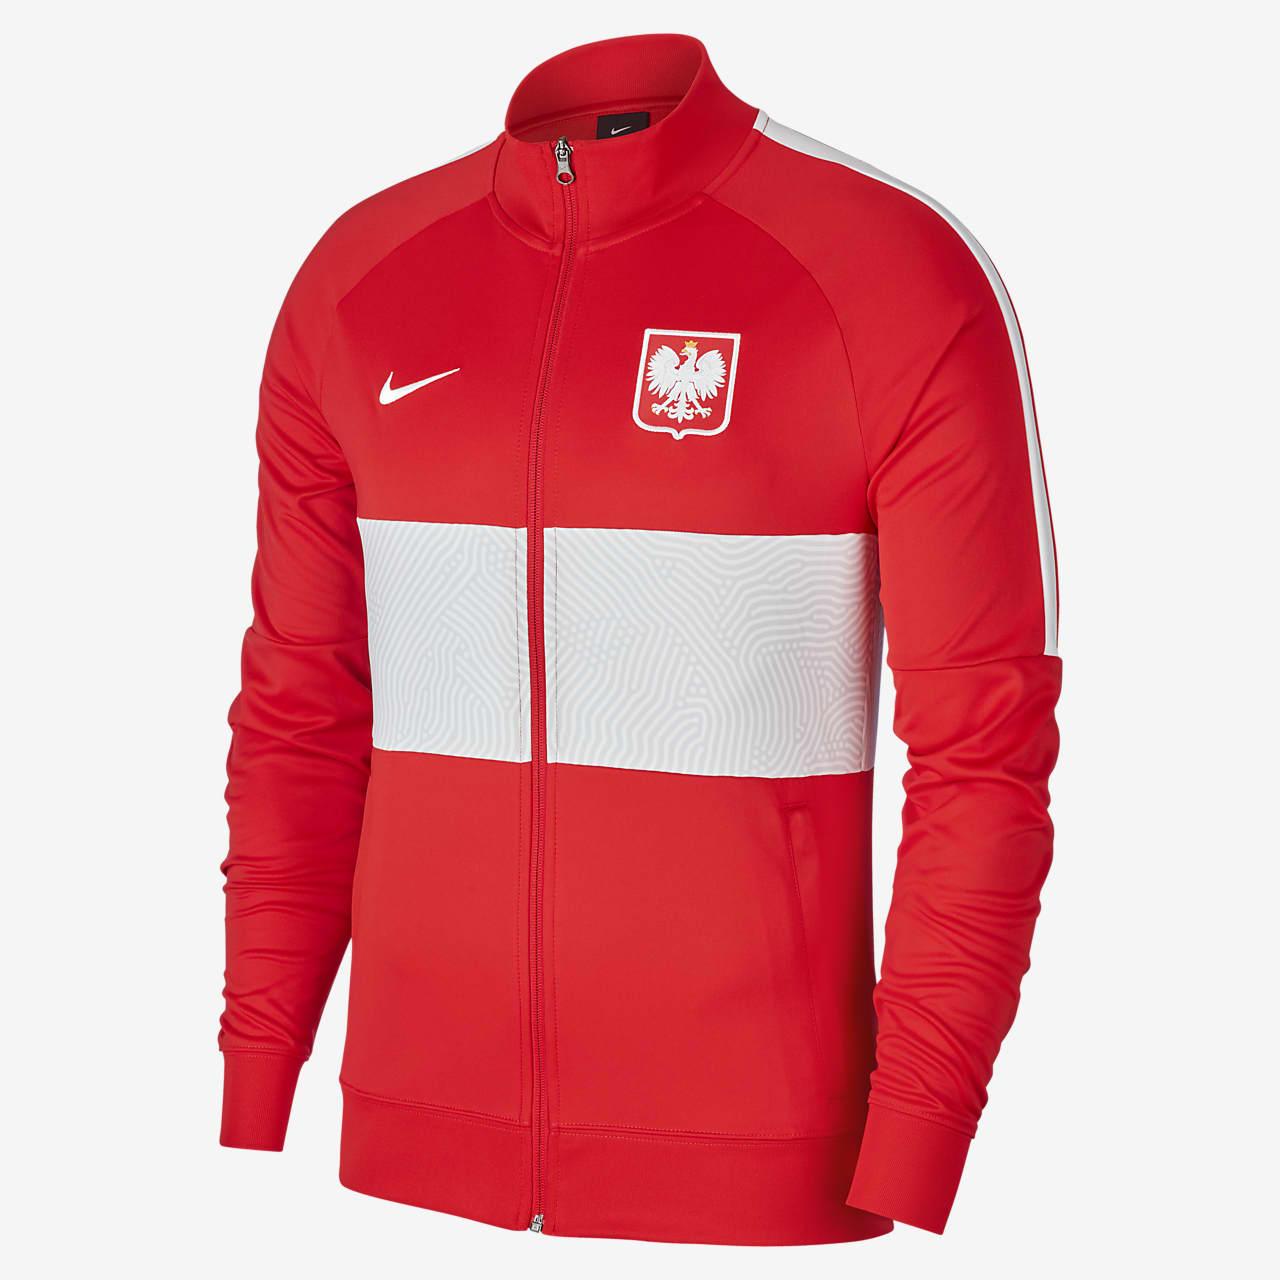 Poland Men's Football Jacket